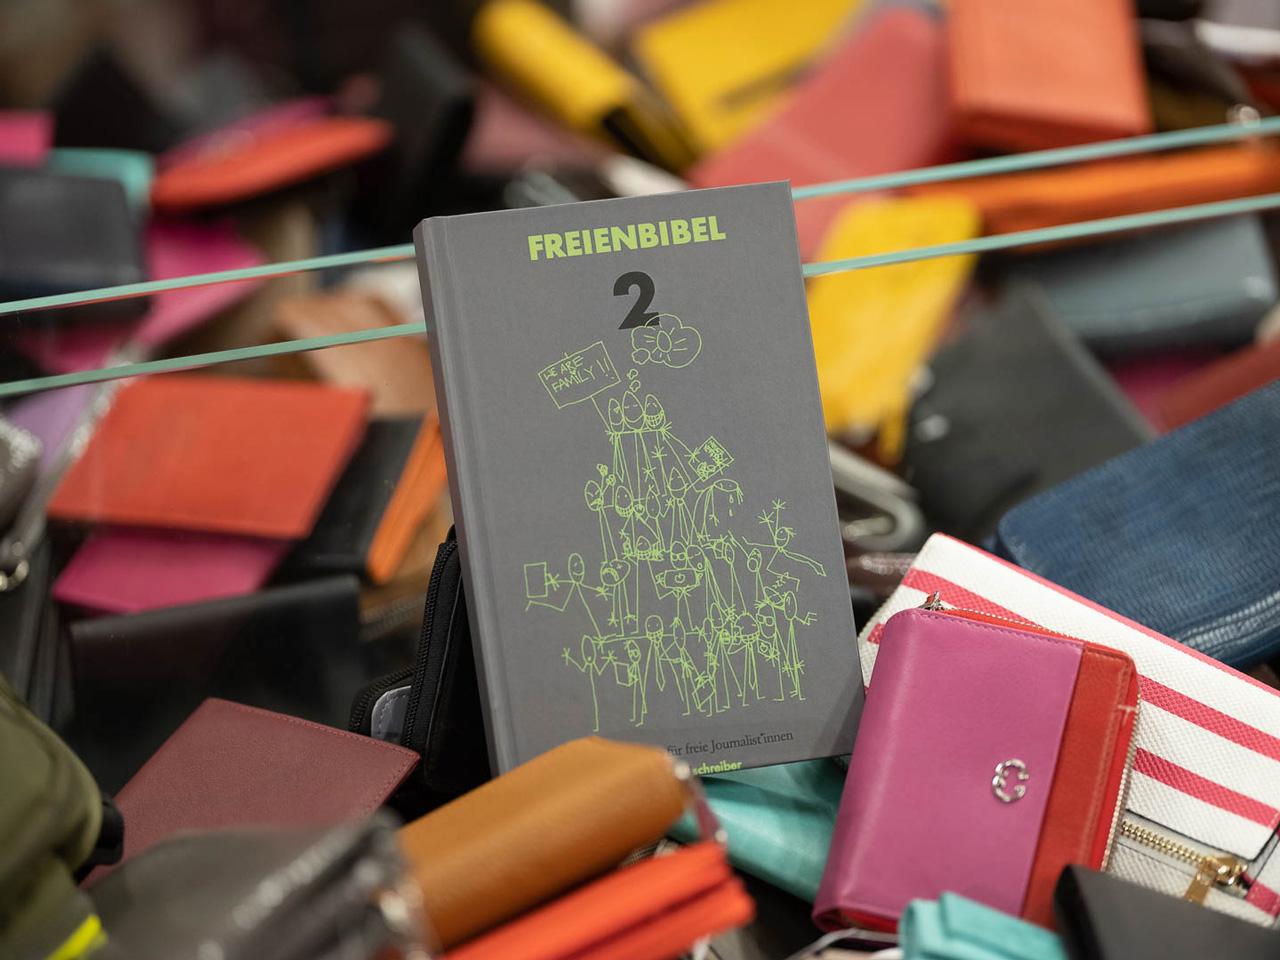 Die Freienbibel 2. Das Profihandbuch für freie Journalist:innen